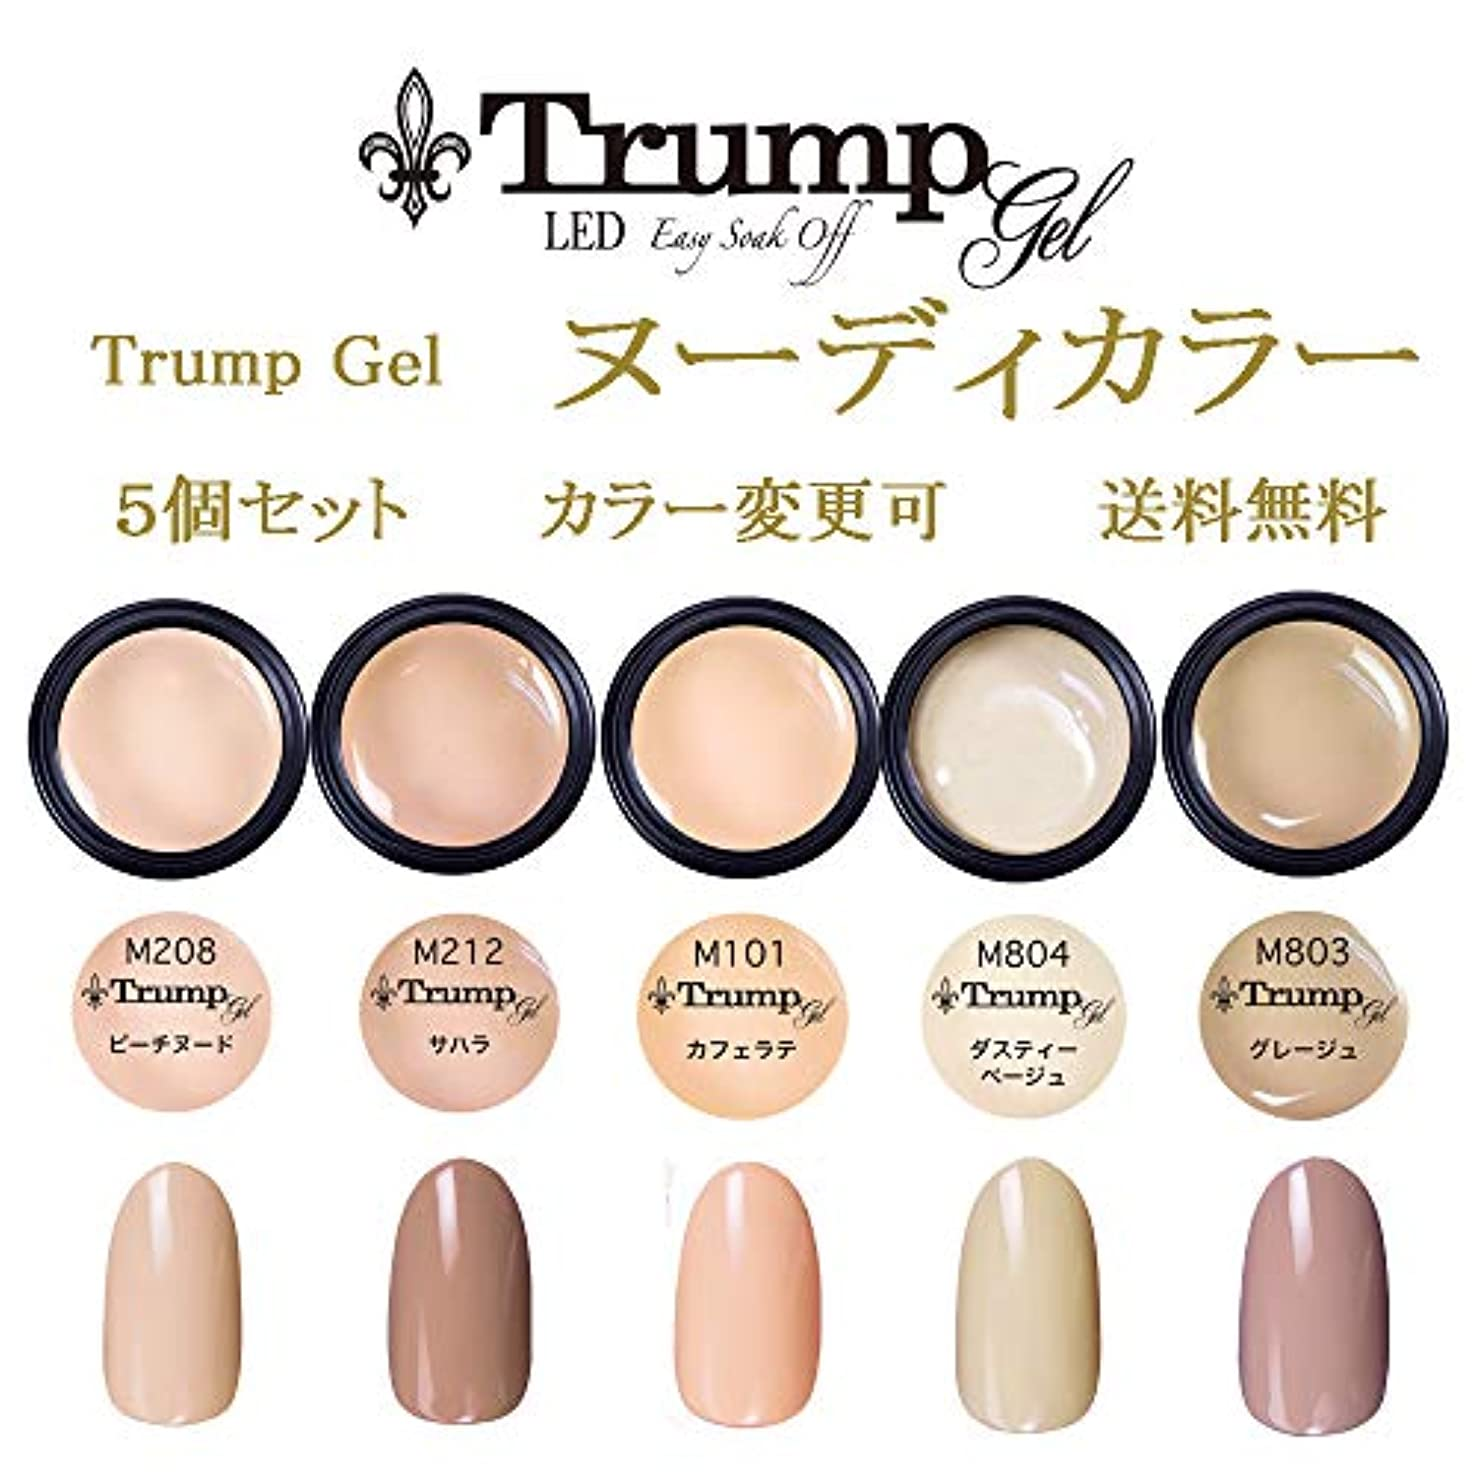 取得する海外で豚日本製 Trump gel トランプジェル ヌーディカラー 選べる カラージェル 5個セット ベージュ ブラウン ピンク